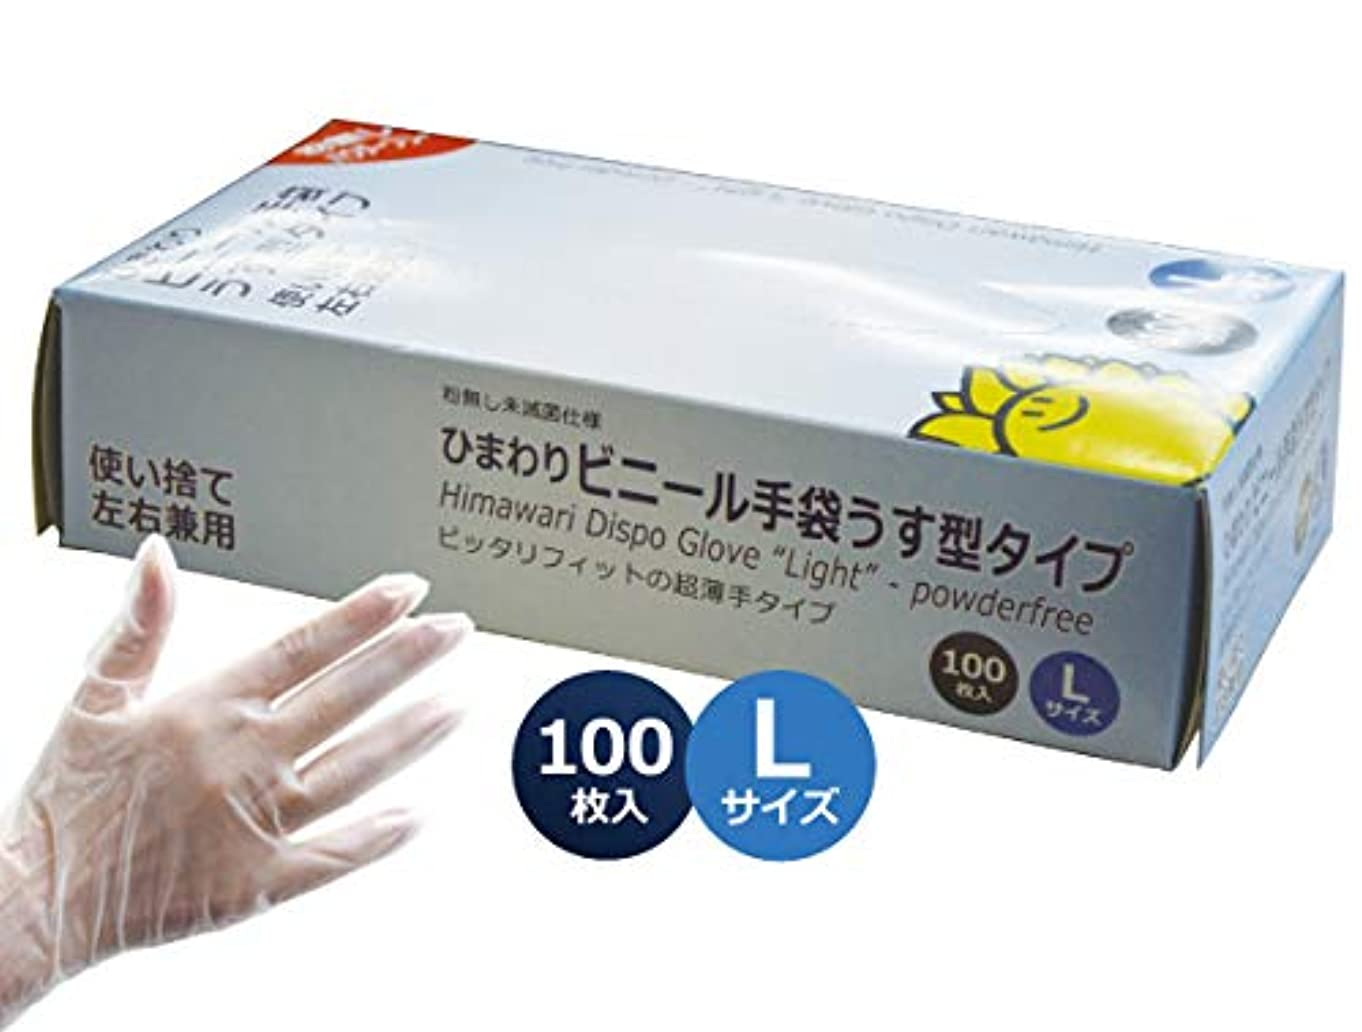 独創的差別するカートリッジビニール手袋うす型タイプ パウダーフリー Lサイズ:1小箱100枚入 プラスチック手袋 グローブ 粉無し 使い捨て 左右兼用